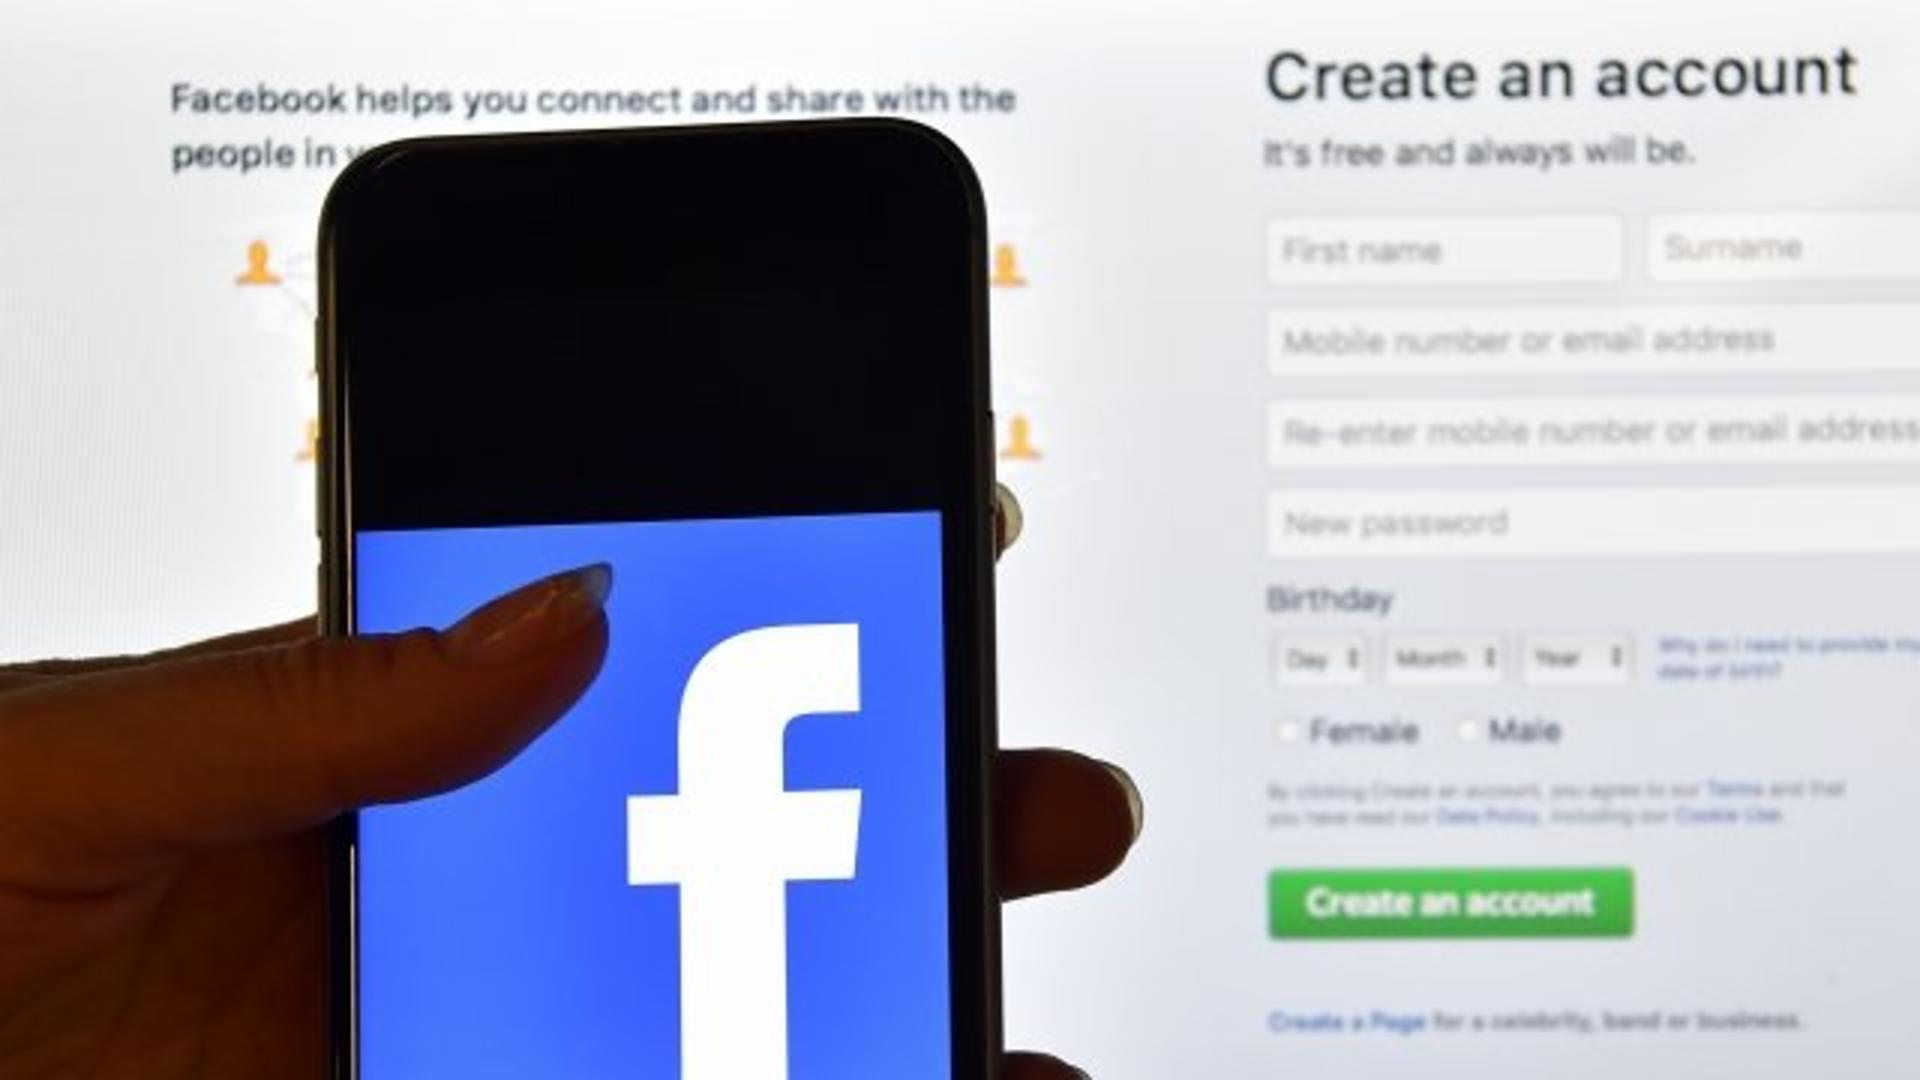 facebook account  hd wallpaper ile ilgili görsel sonucu